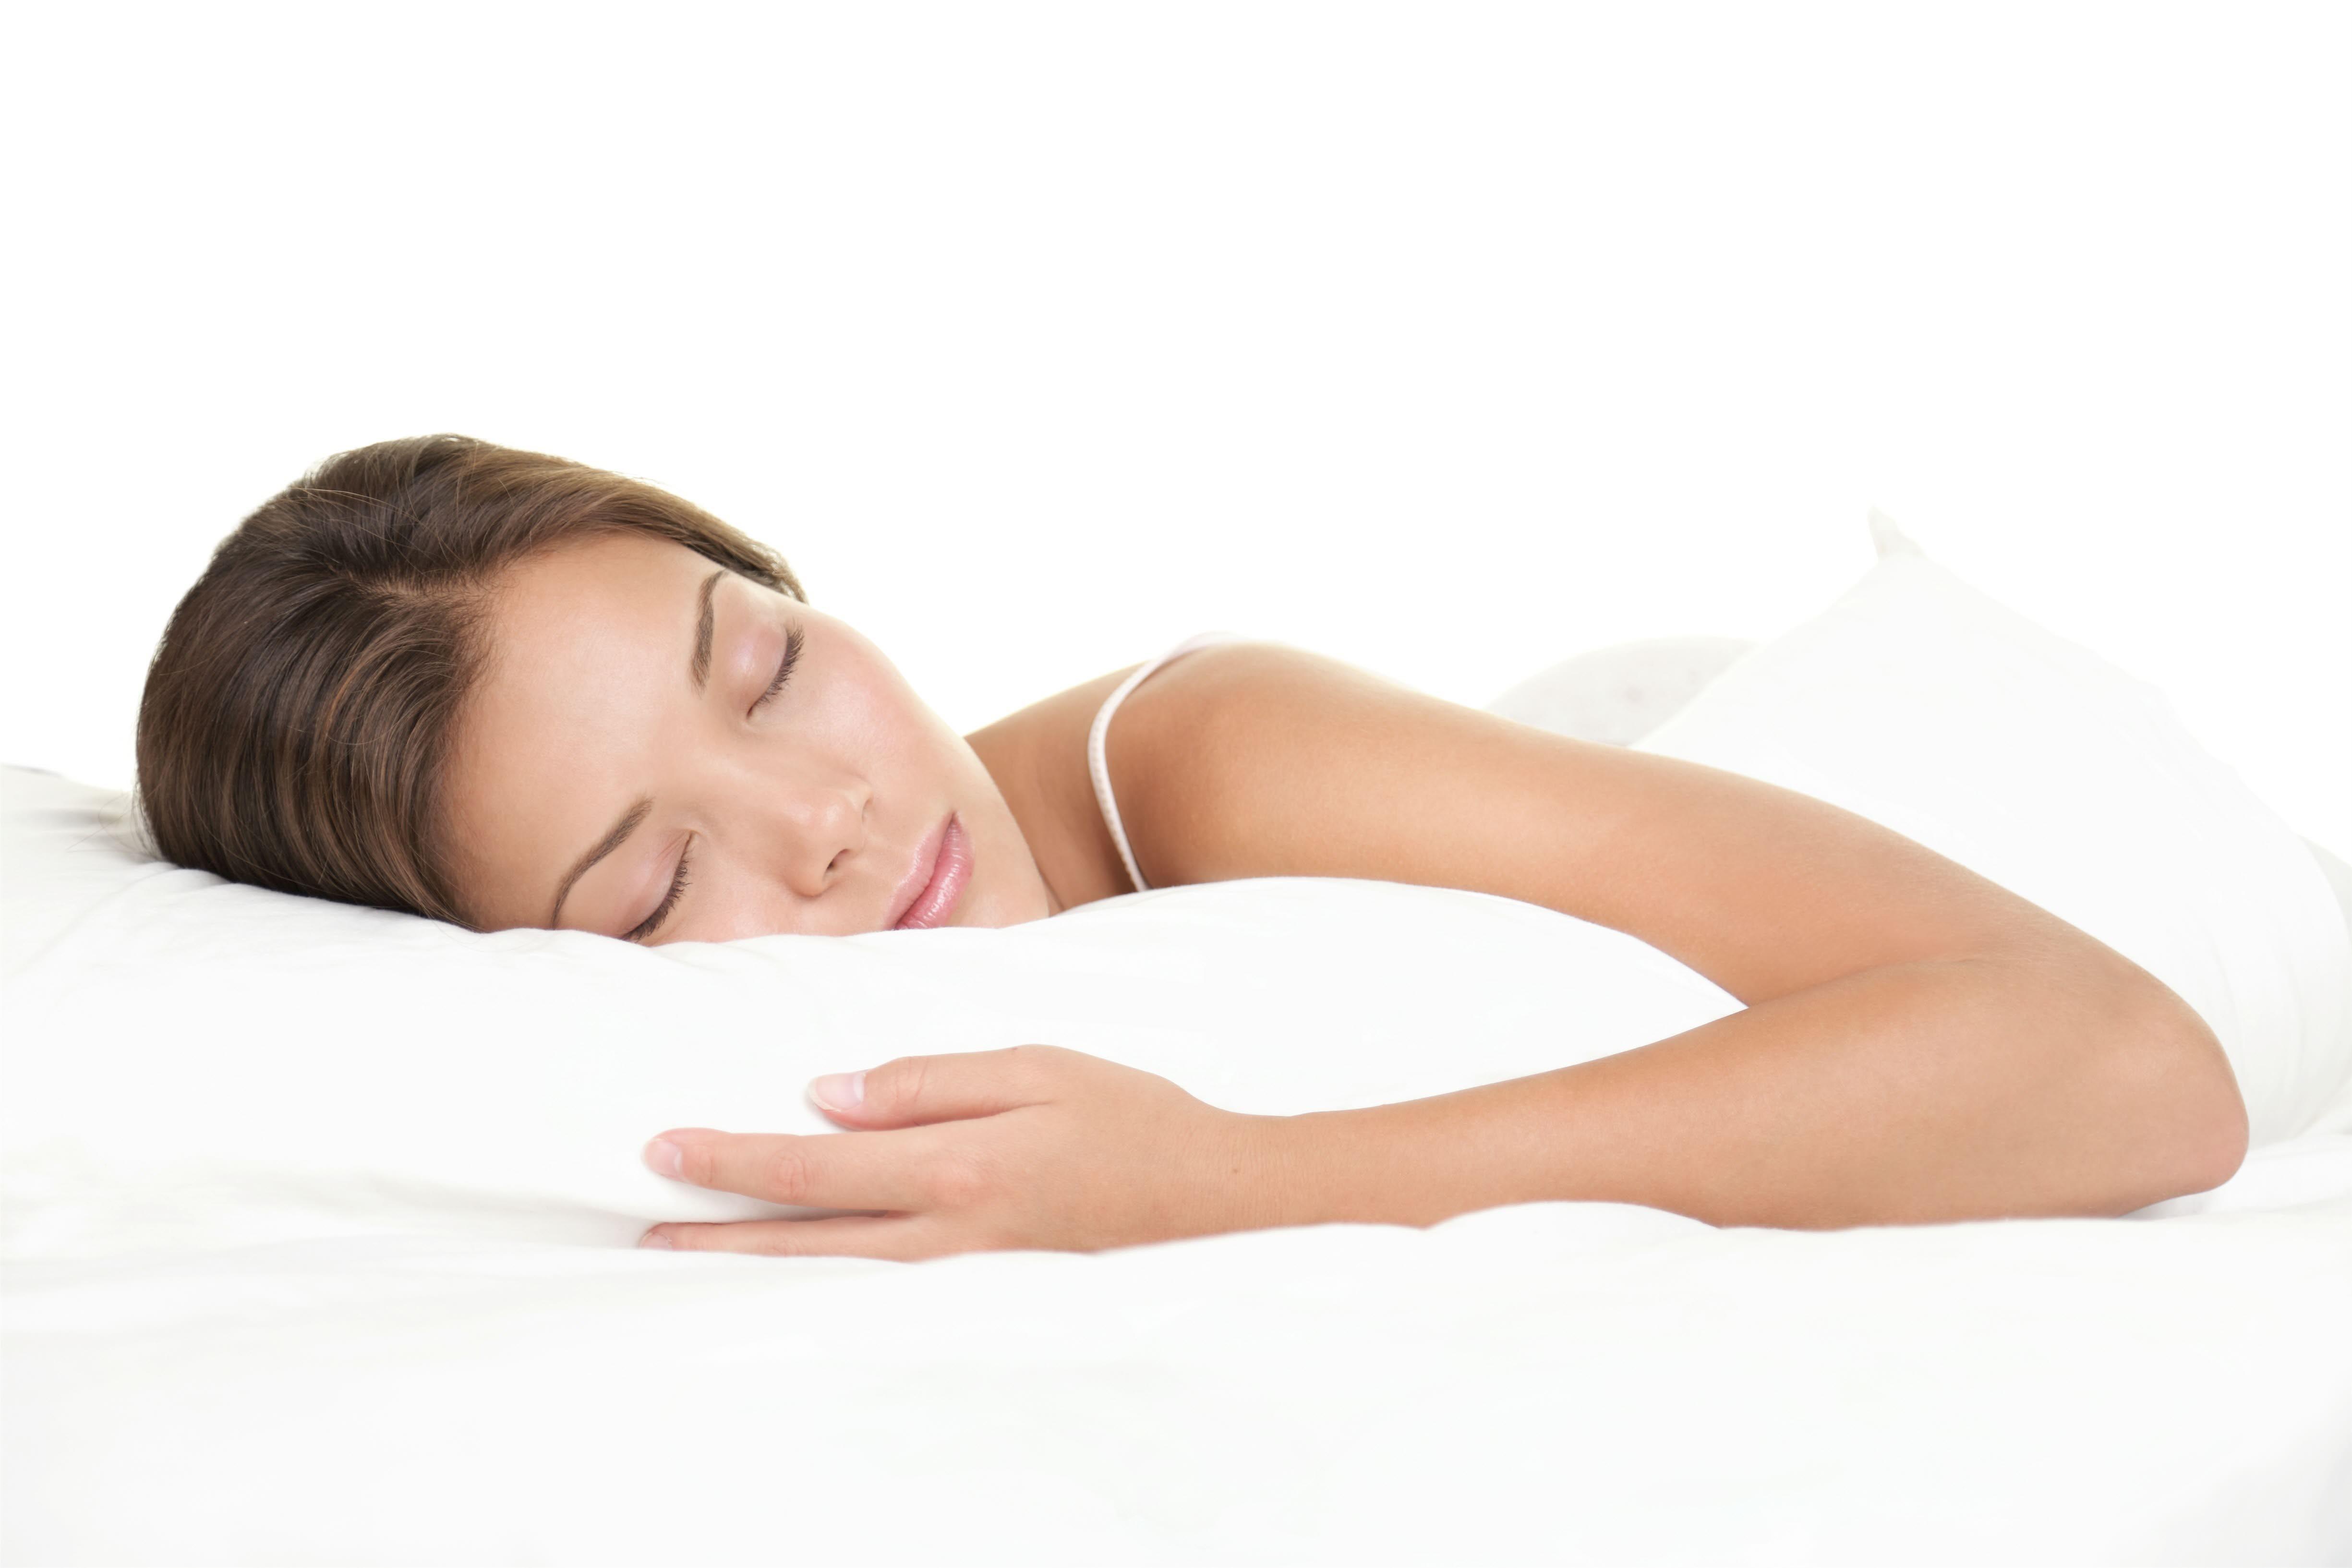 Sábanas de invierno: dormir caliente